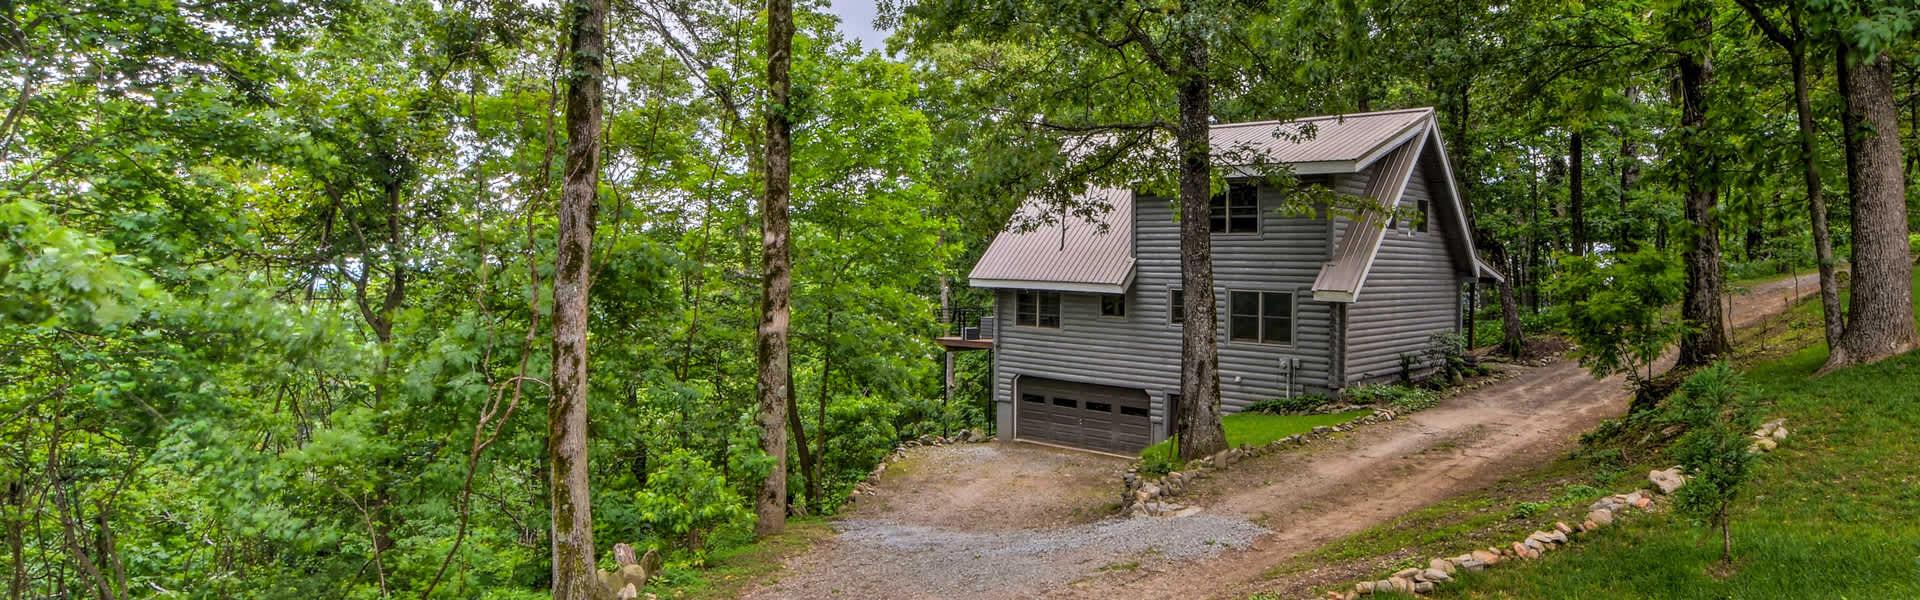 A property in Blue Ridge, GA.